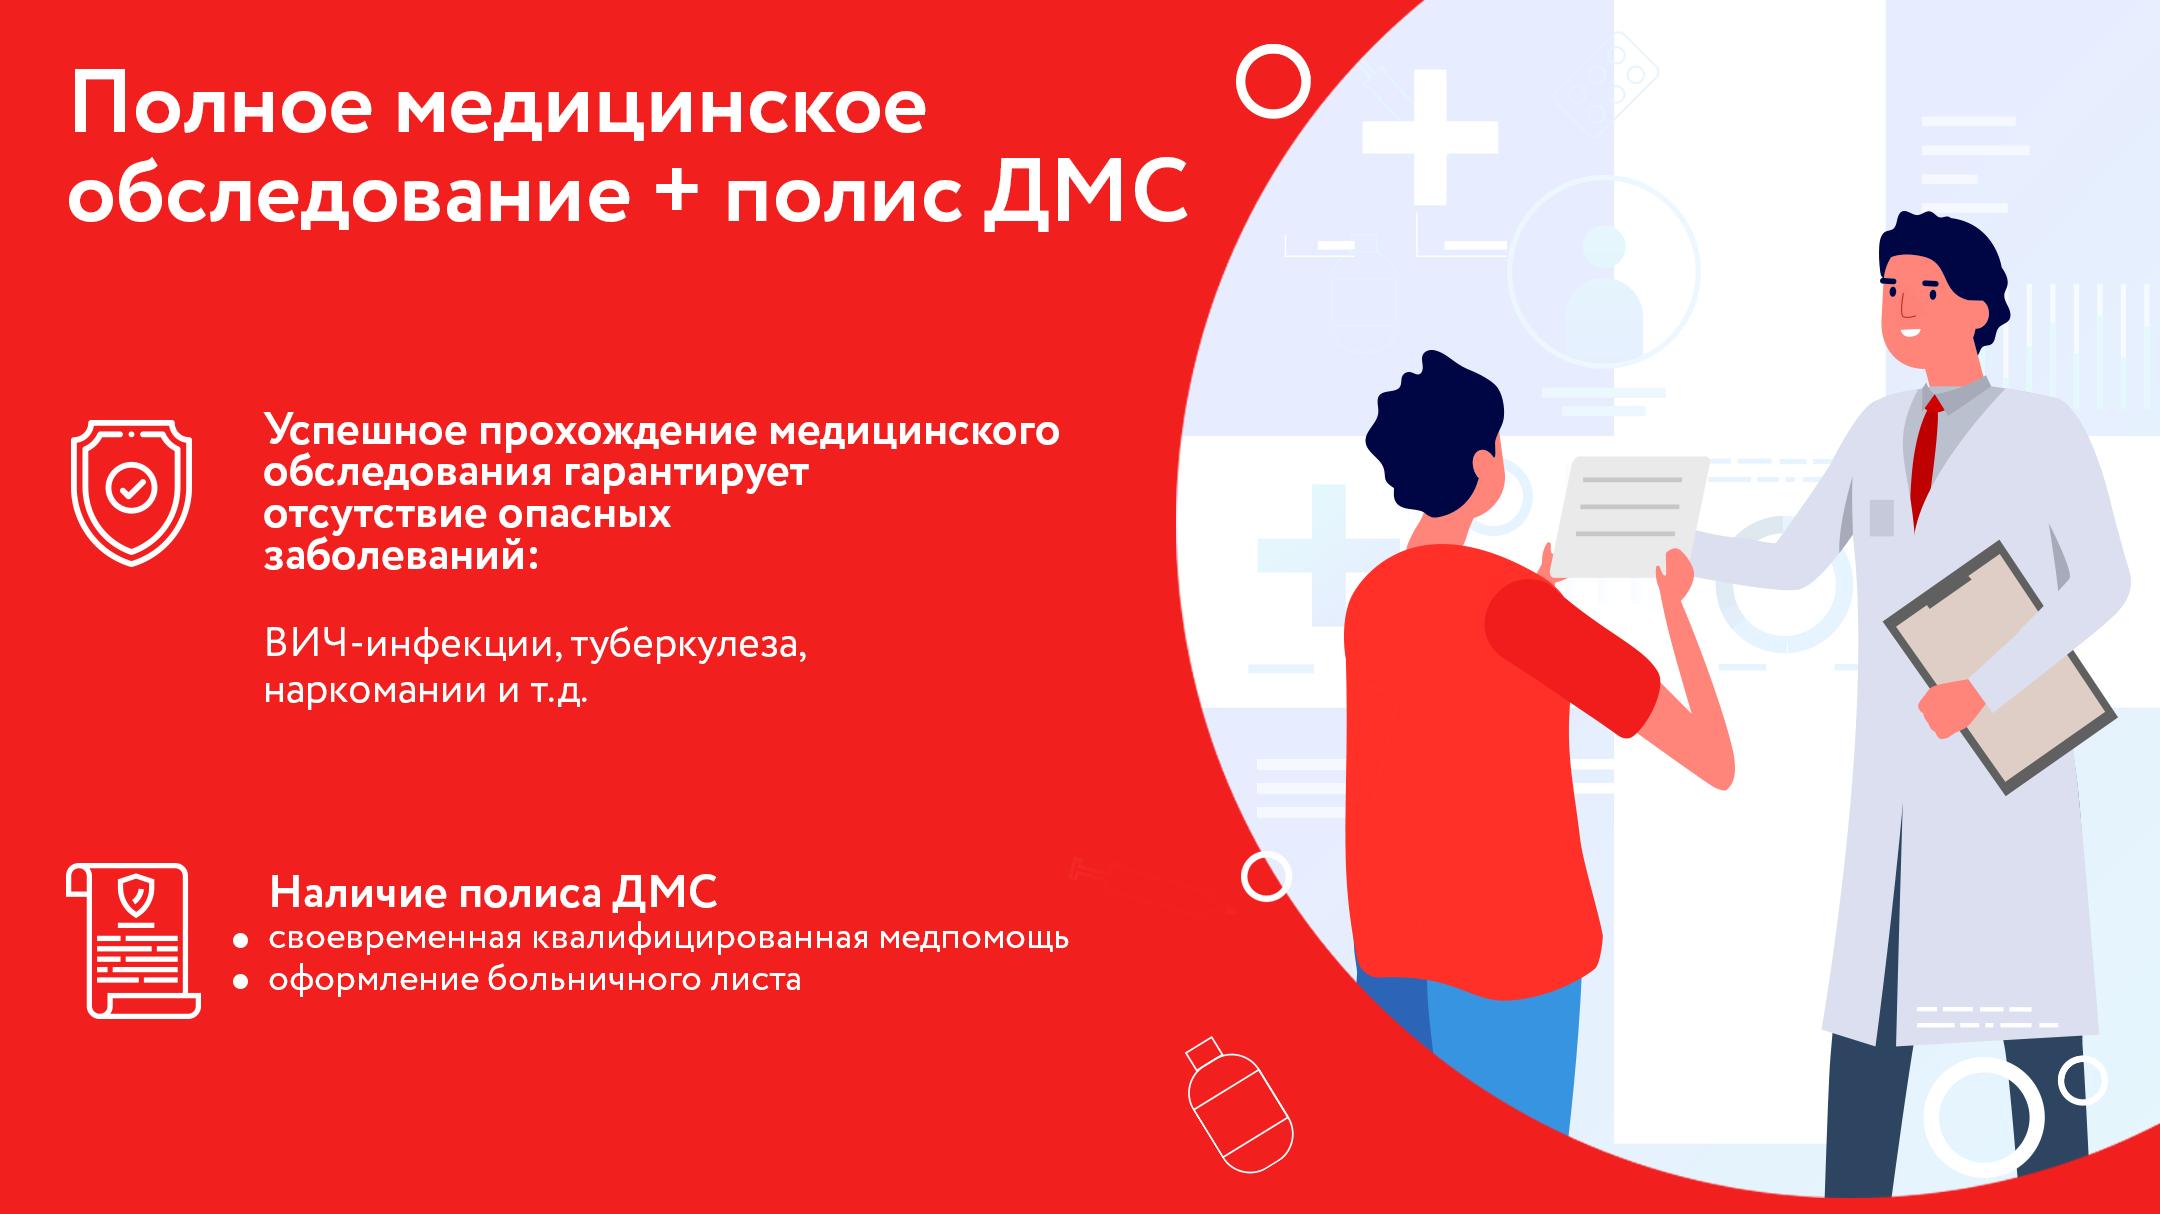 Предоставлено пресс-службой Департамента экономической политики и развития города Москвы